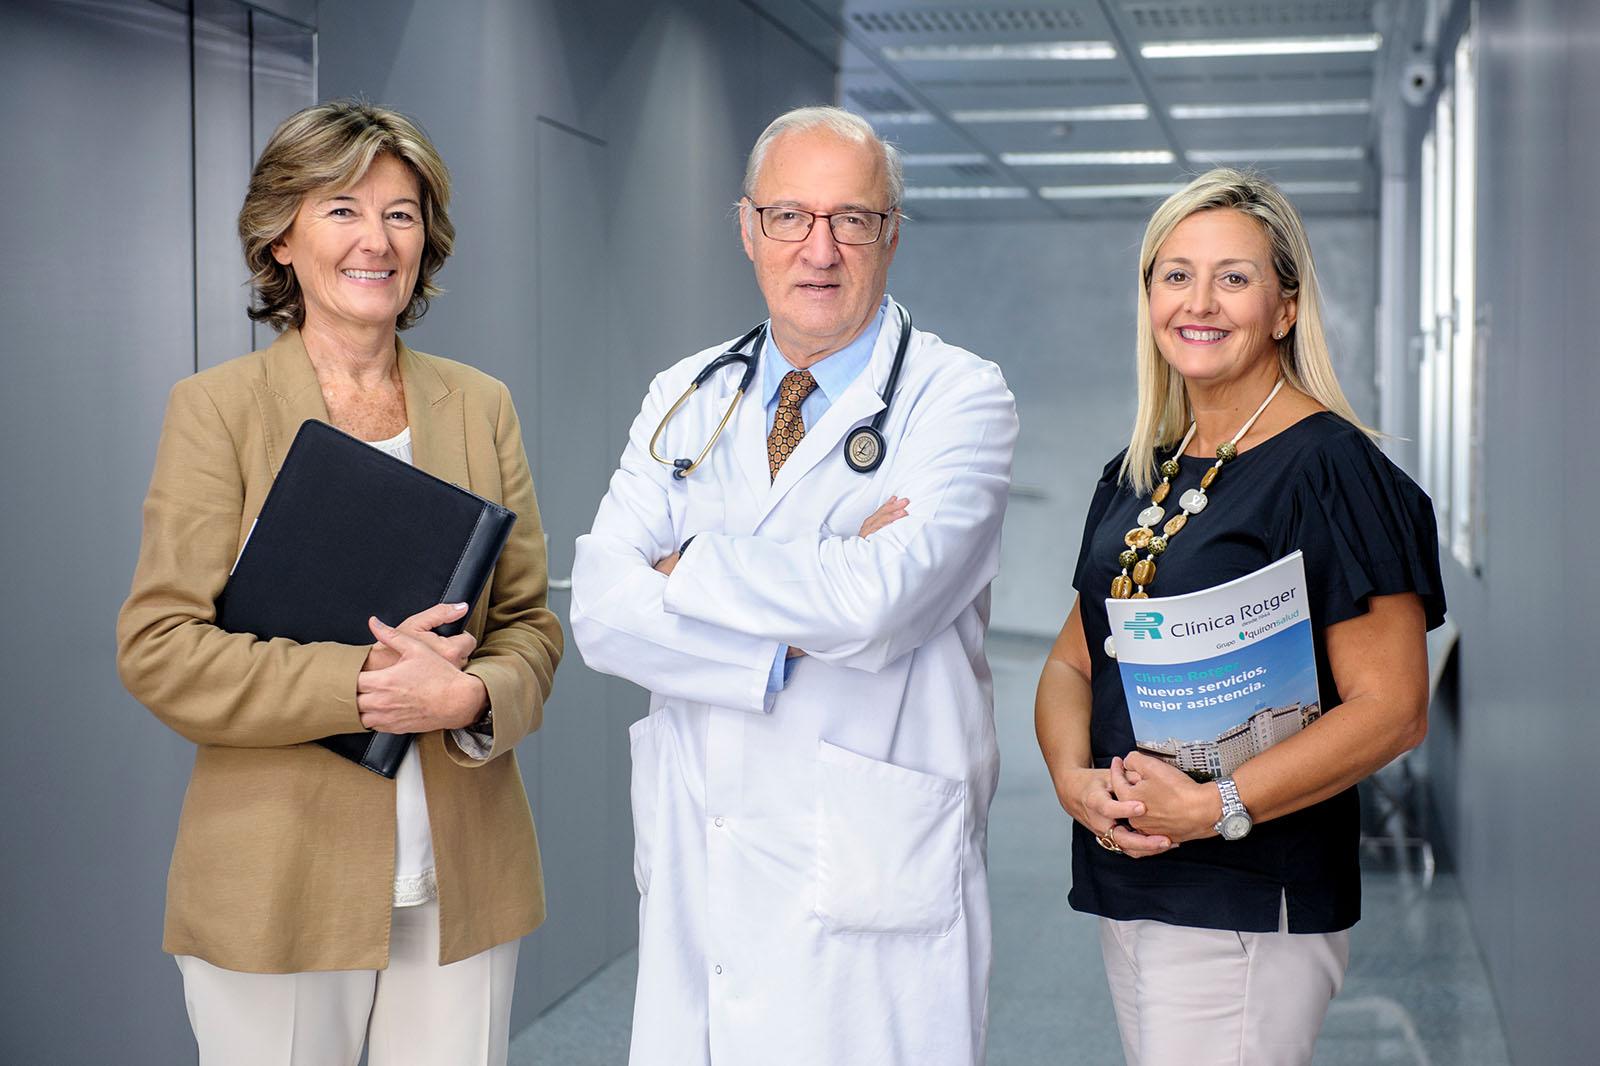 Chequeos-Médicos-Clínica-Rotger-Hospital-Mallorca-Equipo